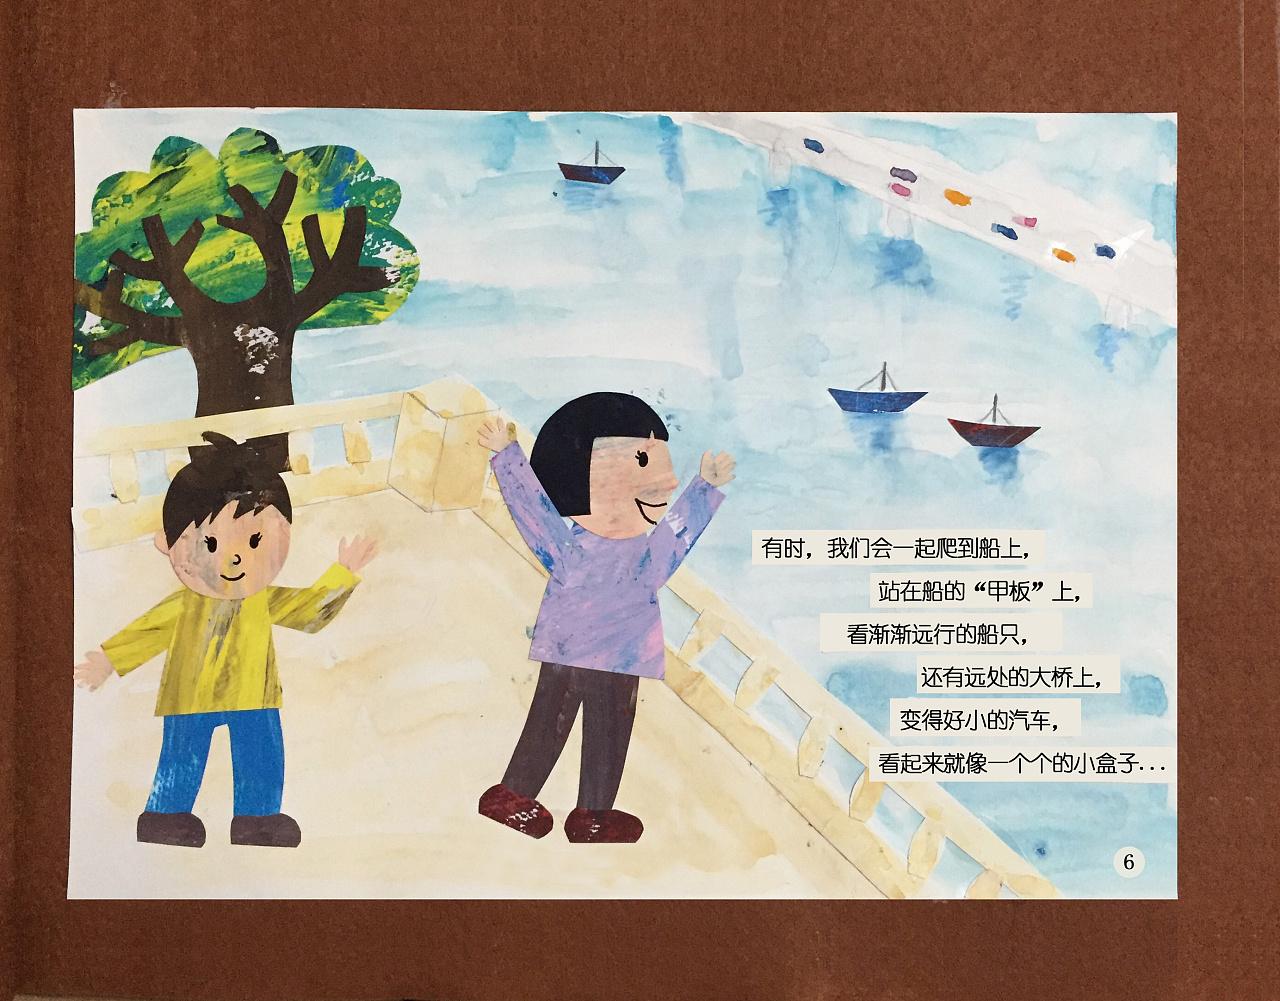 汕头澄海红头船_红头船|插画|儿童插画|miloCC - 原创作品 - 站酷 (ZCOOL)